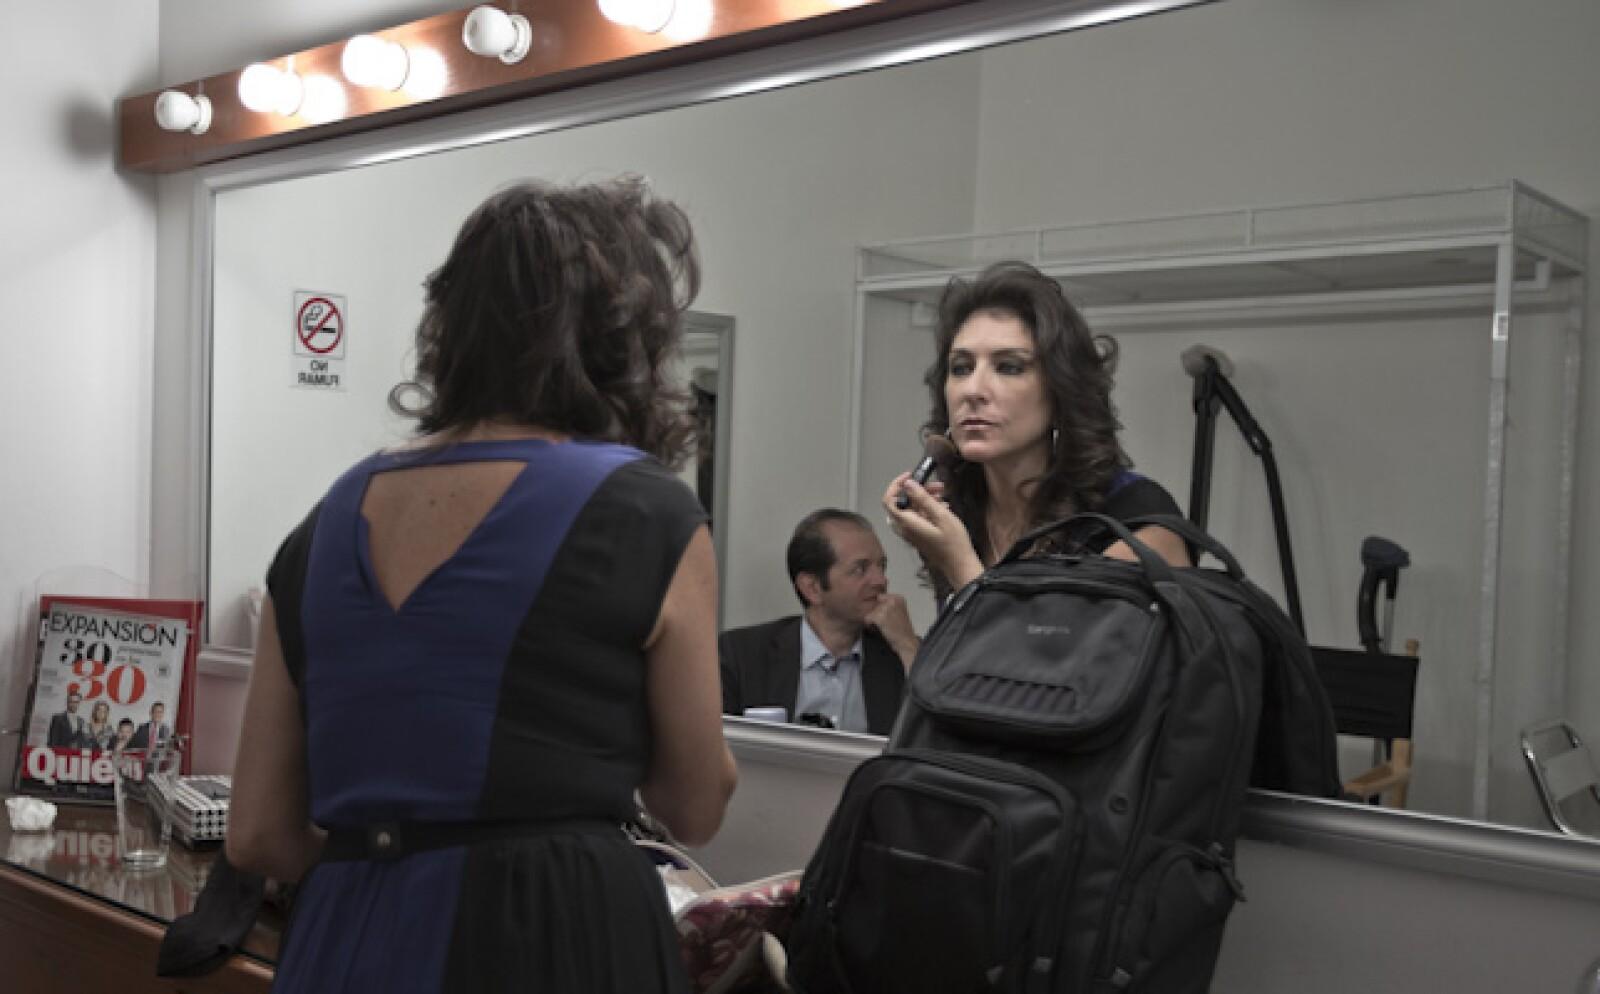 Tanya Moss, finalistas en la categoría de más de tres años, se prepara para la sesión de fotos en las instalaciones de la revista Expansión.